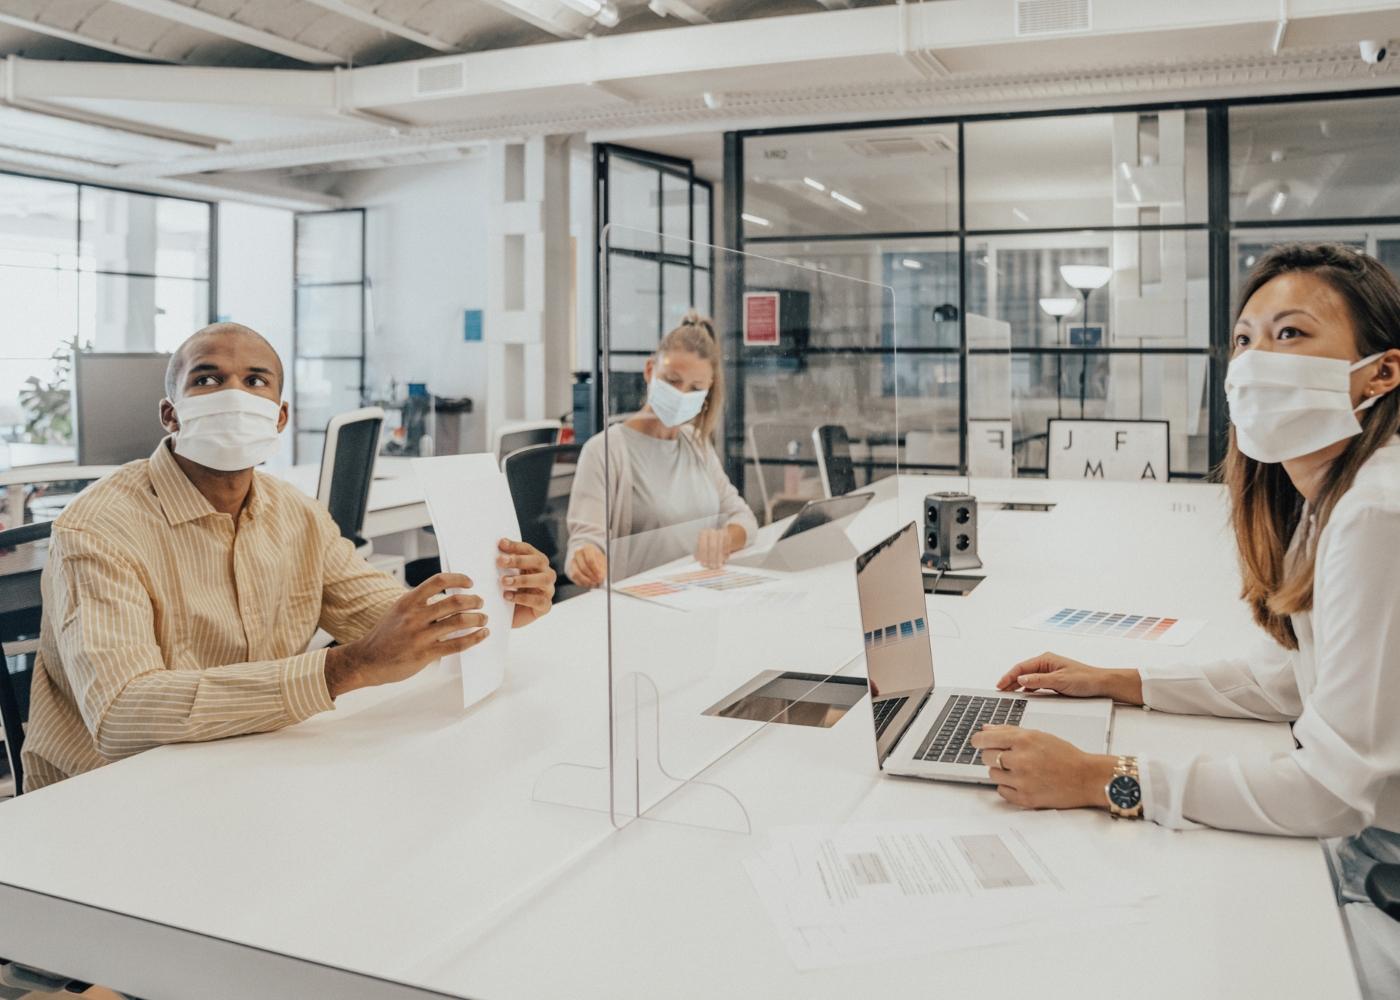 Trabalhadores no escritório da empresa